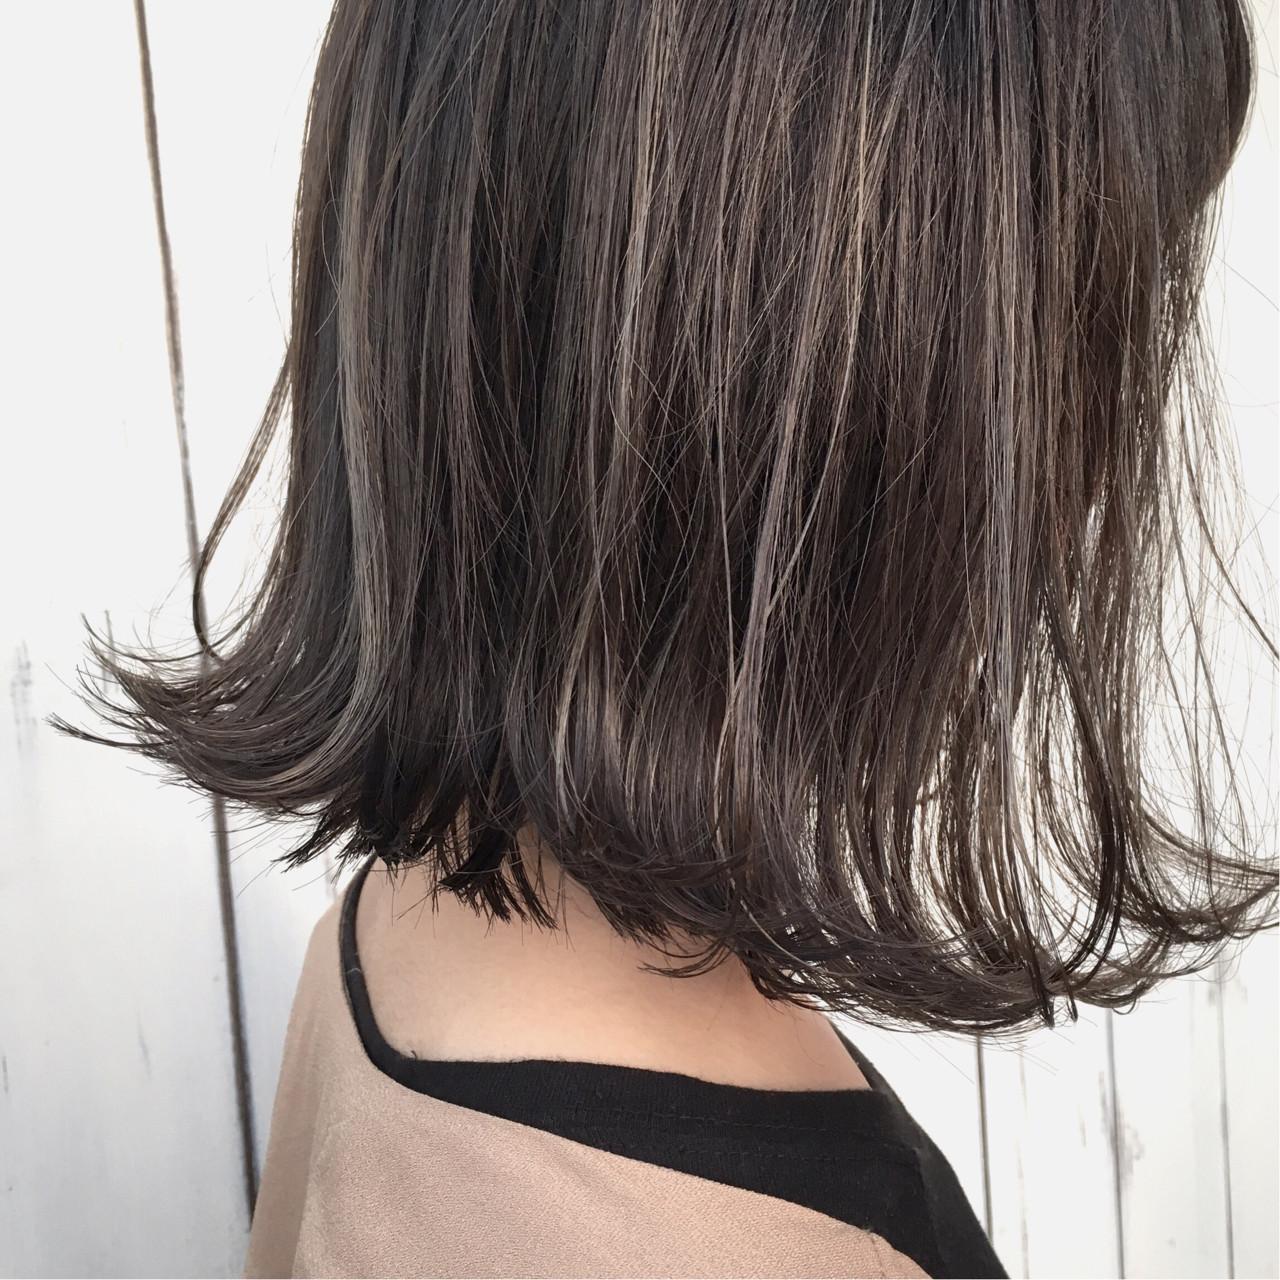 抜け感 ナチュラル ボブ 切りっぱなし ヘアスタイルや髪型の写真・画像 | masamitsu minegishi峯岸 政光 / CLOCKLESS hair design